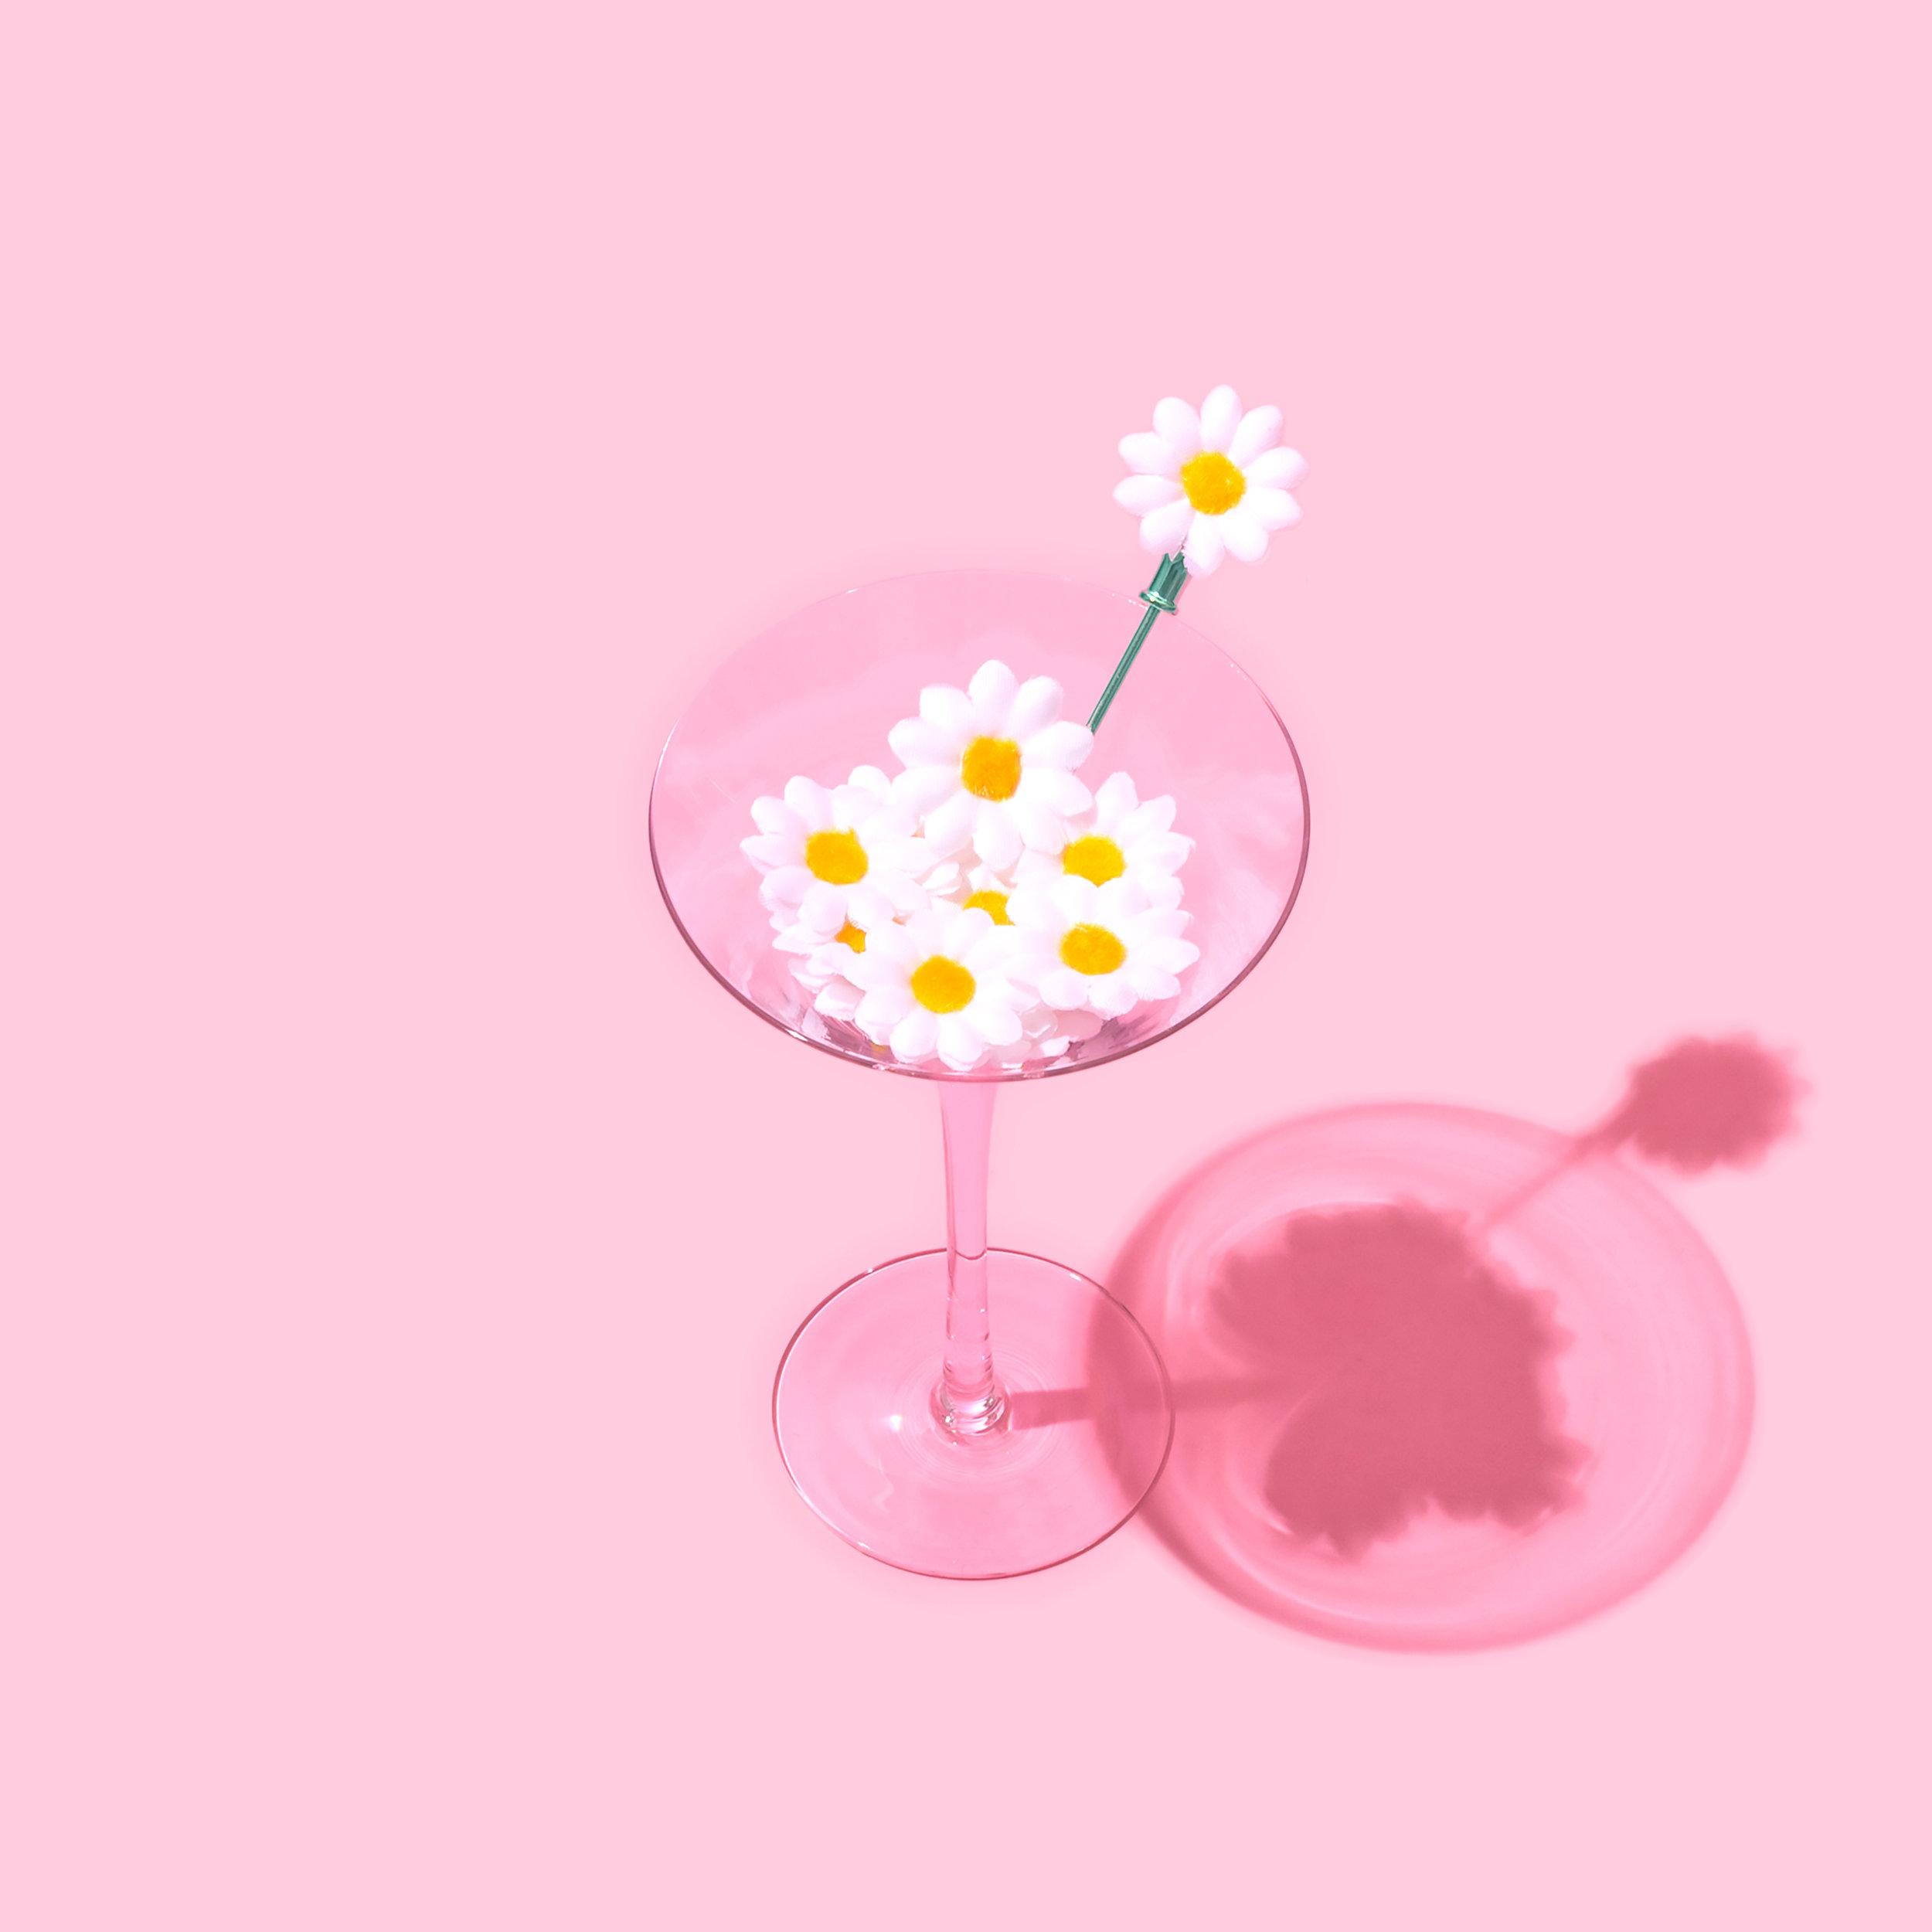 IG Daisy Tini 1D.jpg